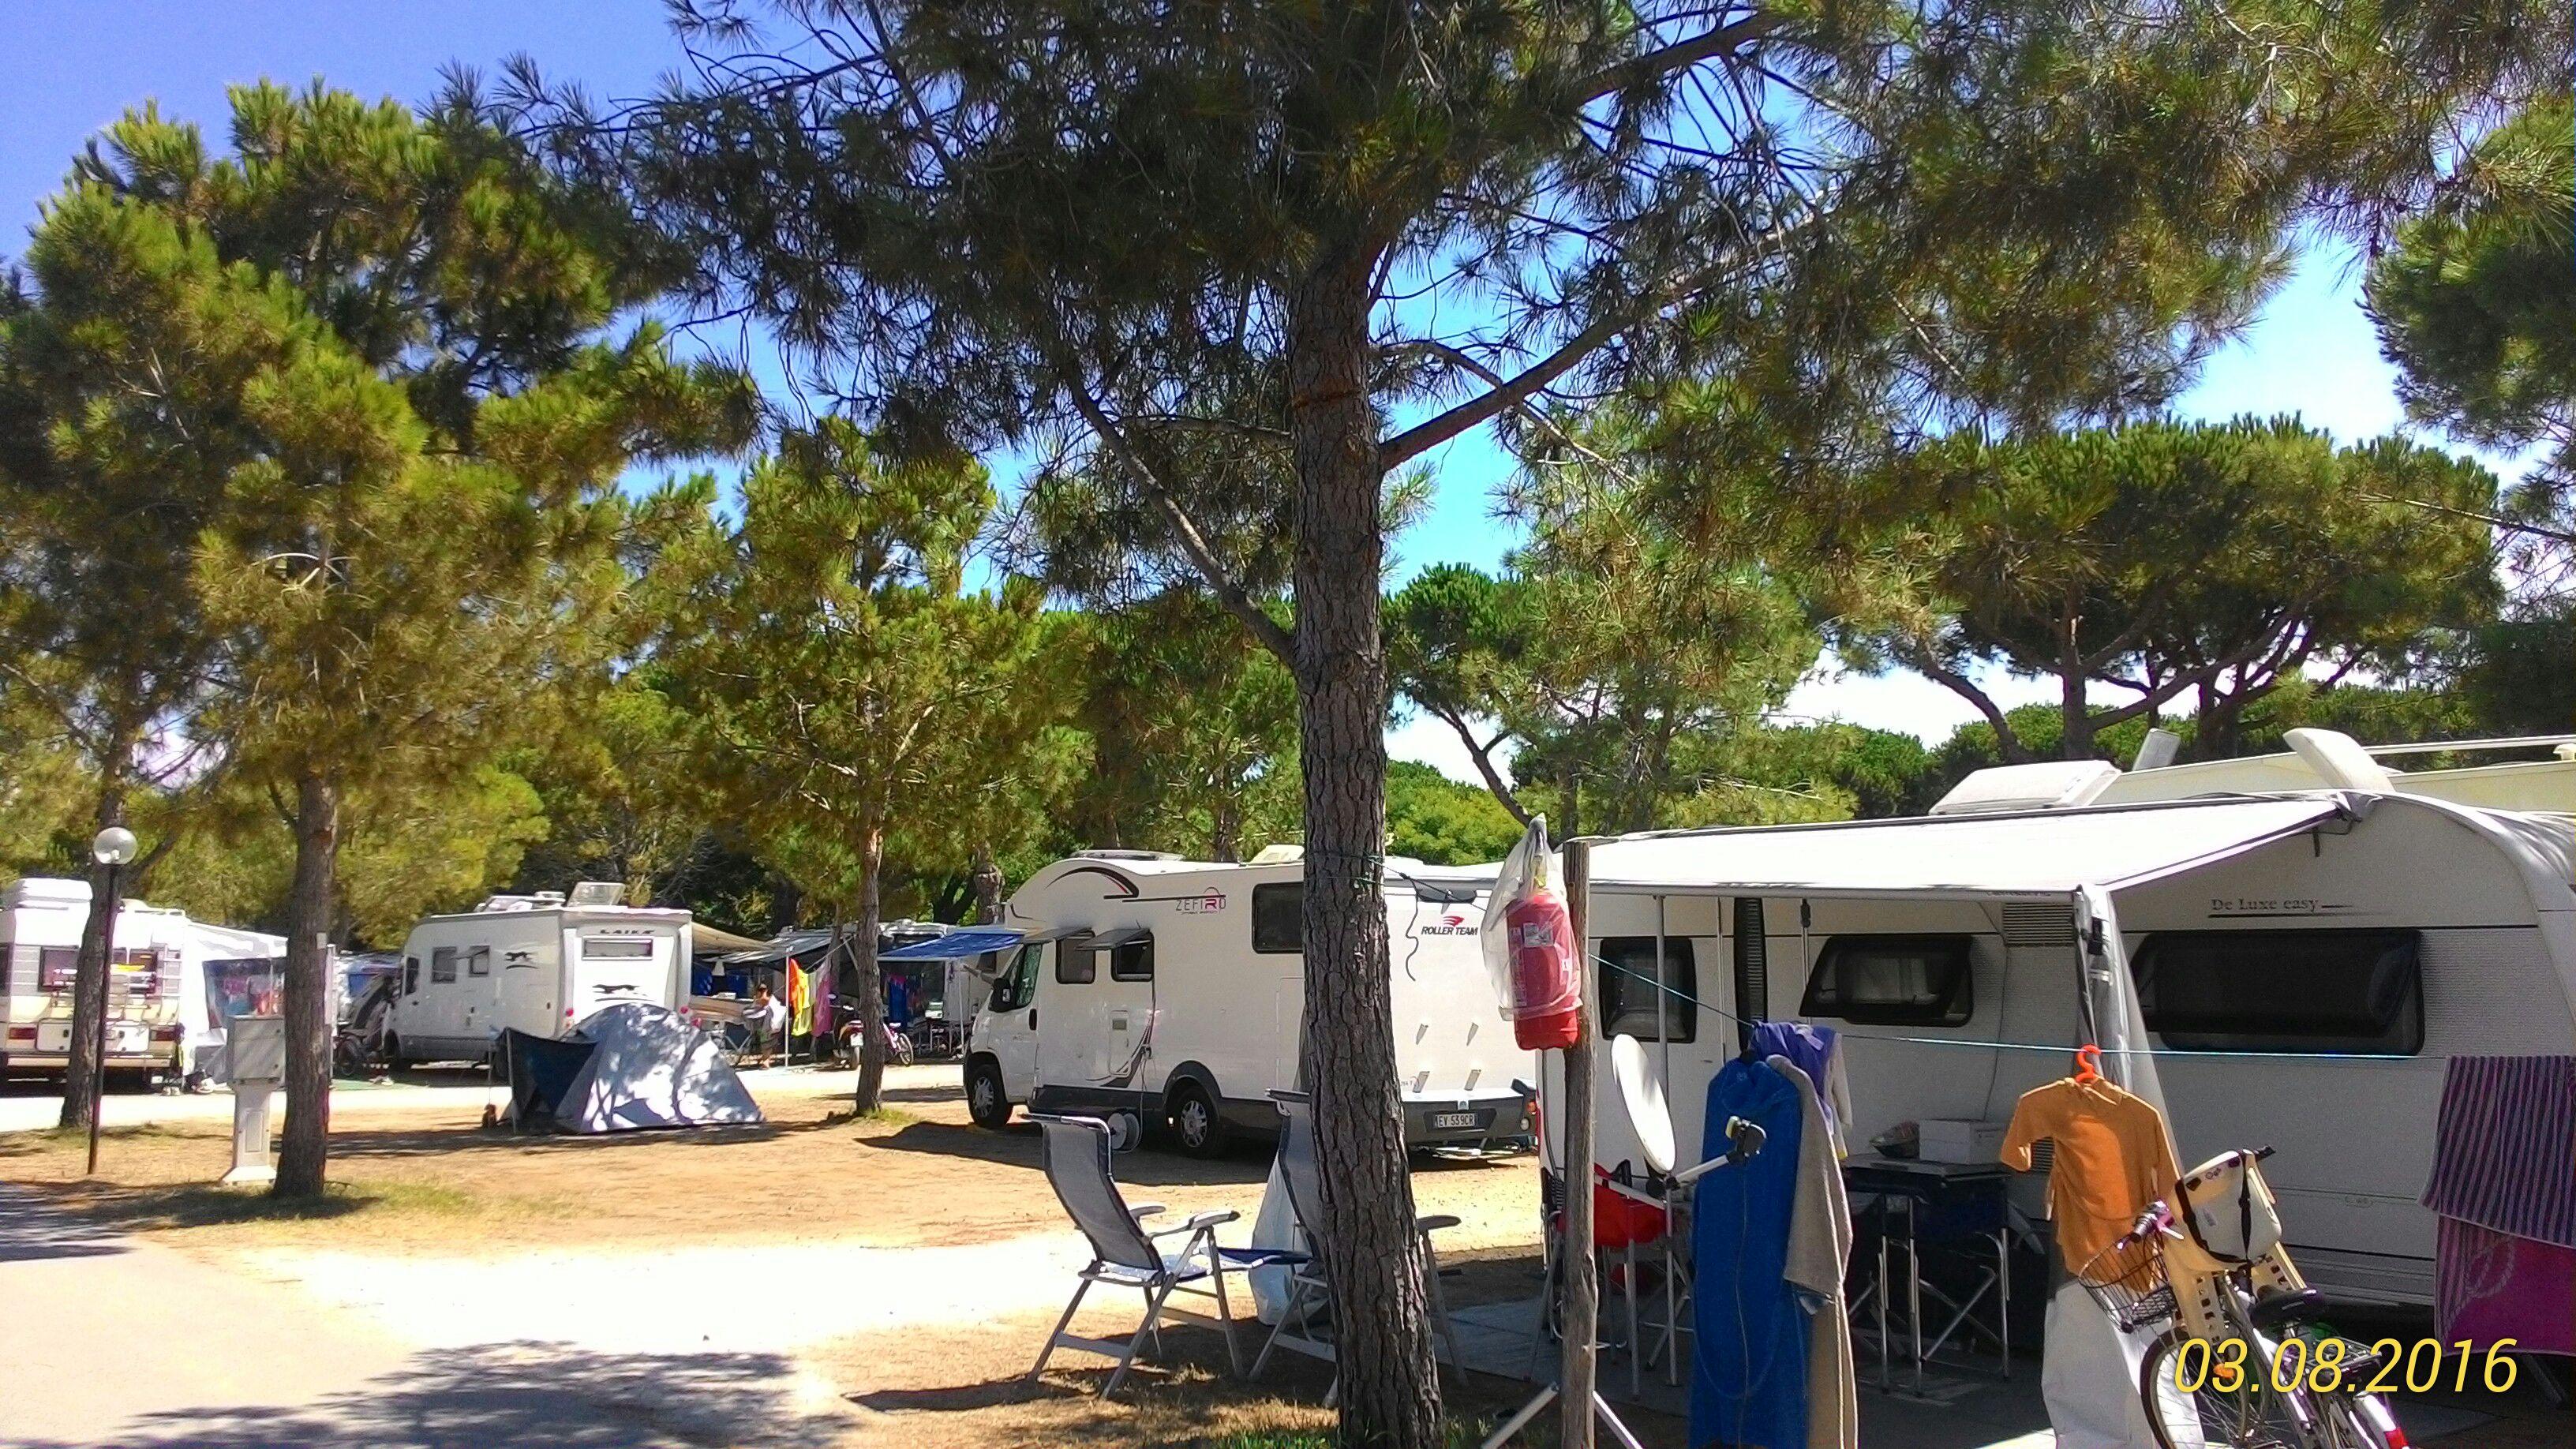 Piazzola per camper o tenda piscina campeggio orbetello - Piscina piazzola ...